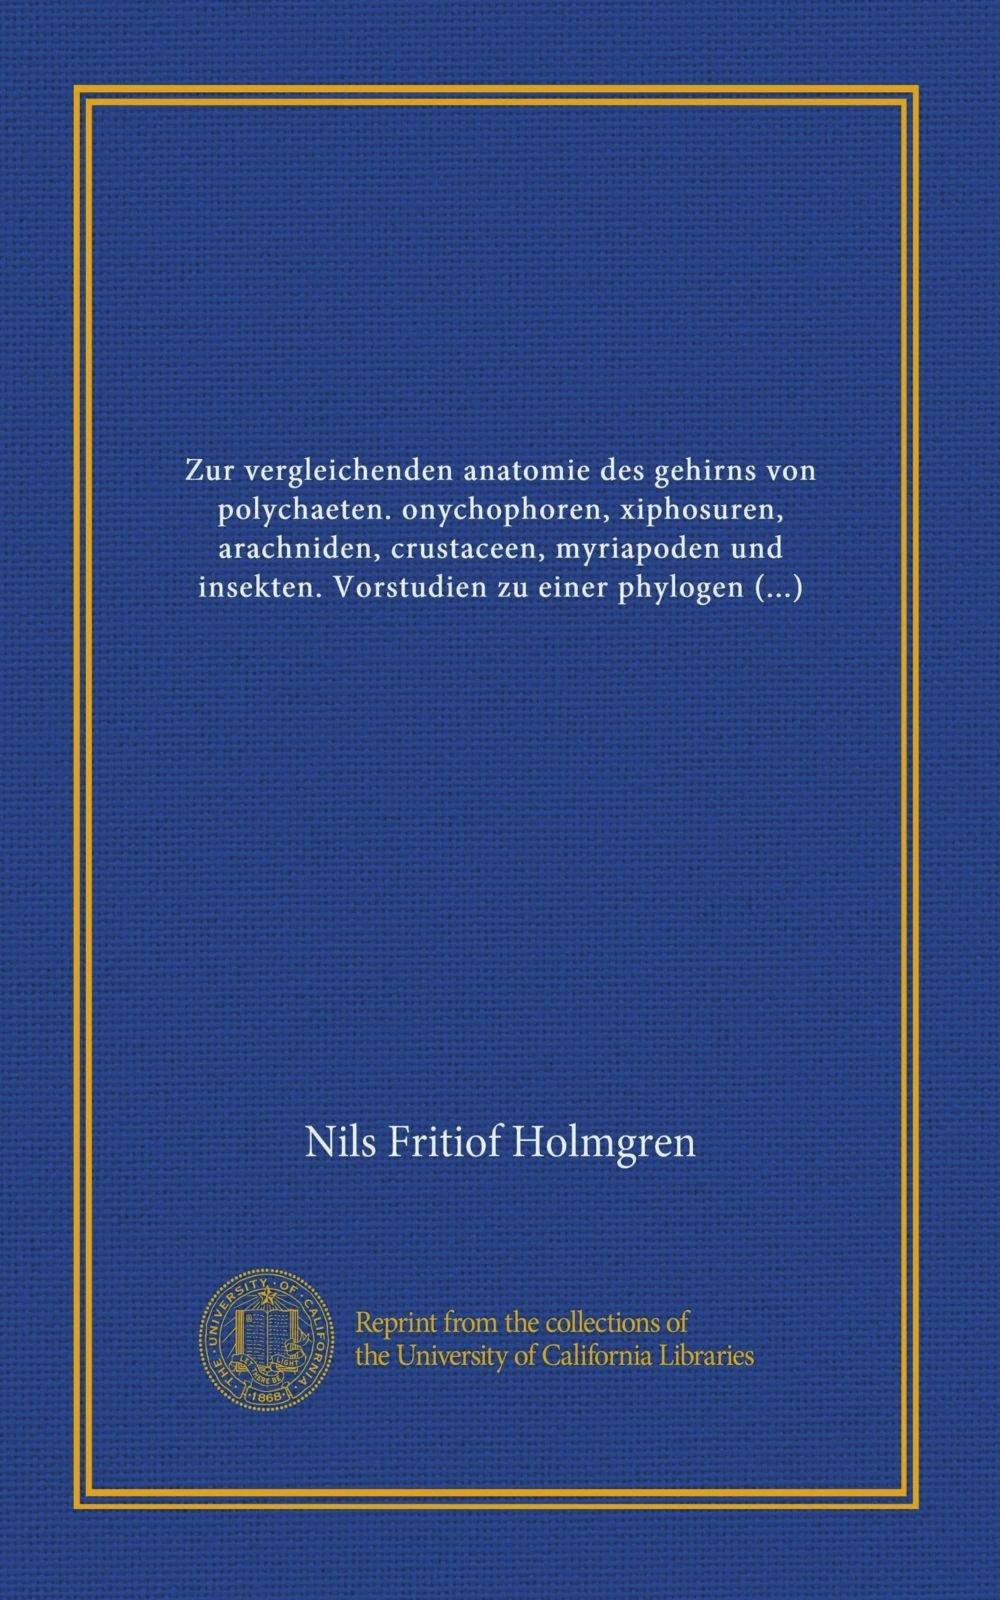 Zur vergleichenden anatomie des gehirns von polychaeten ...